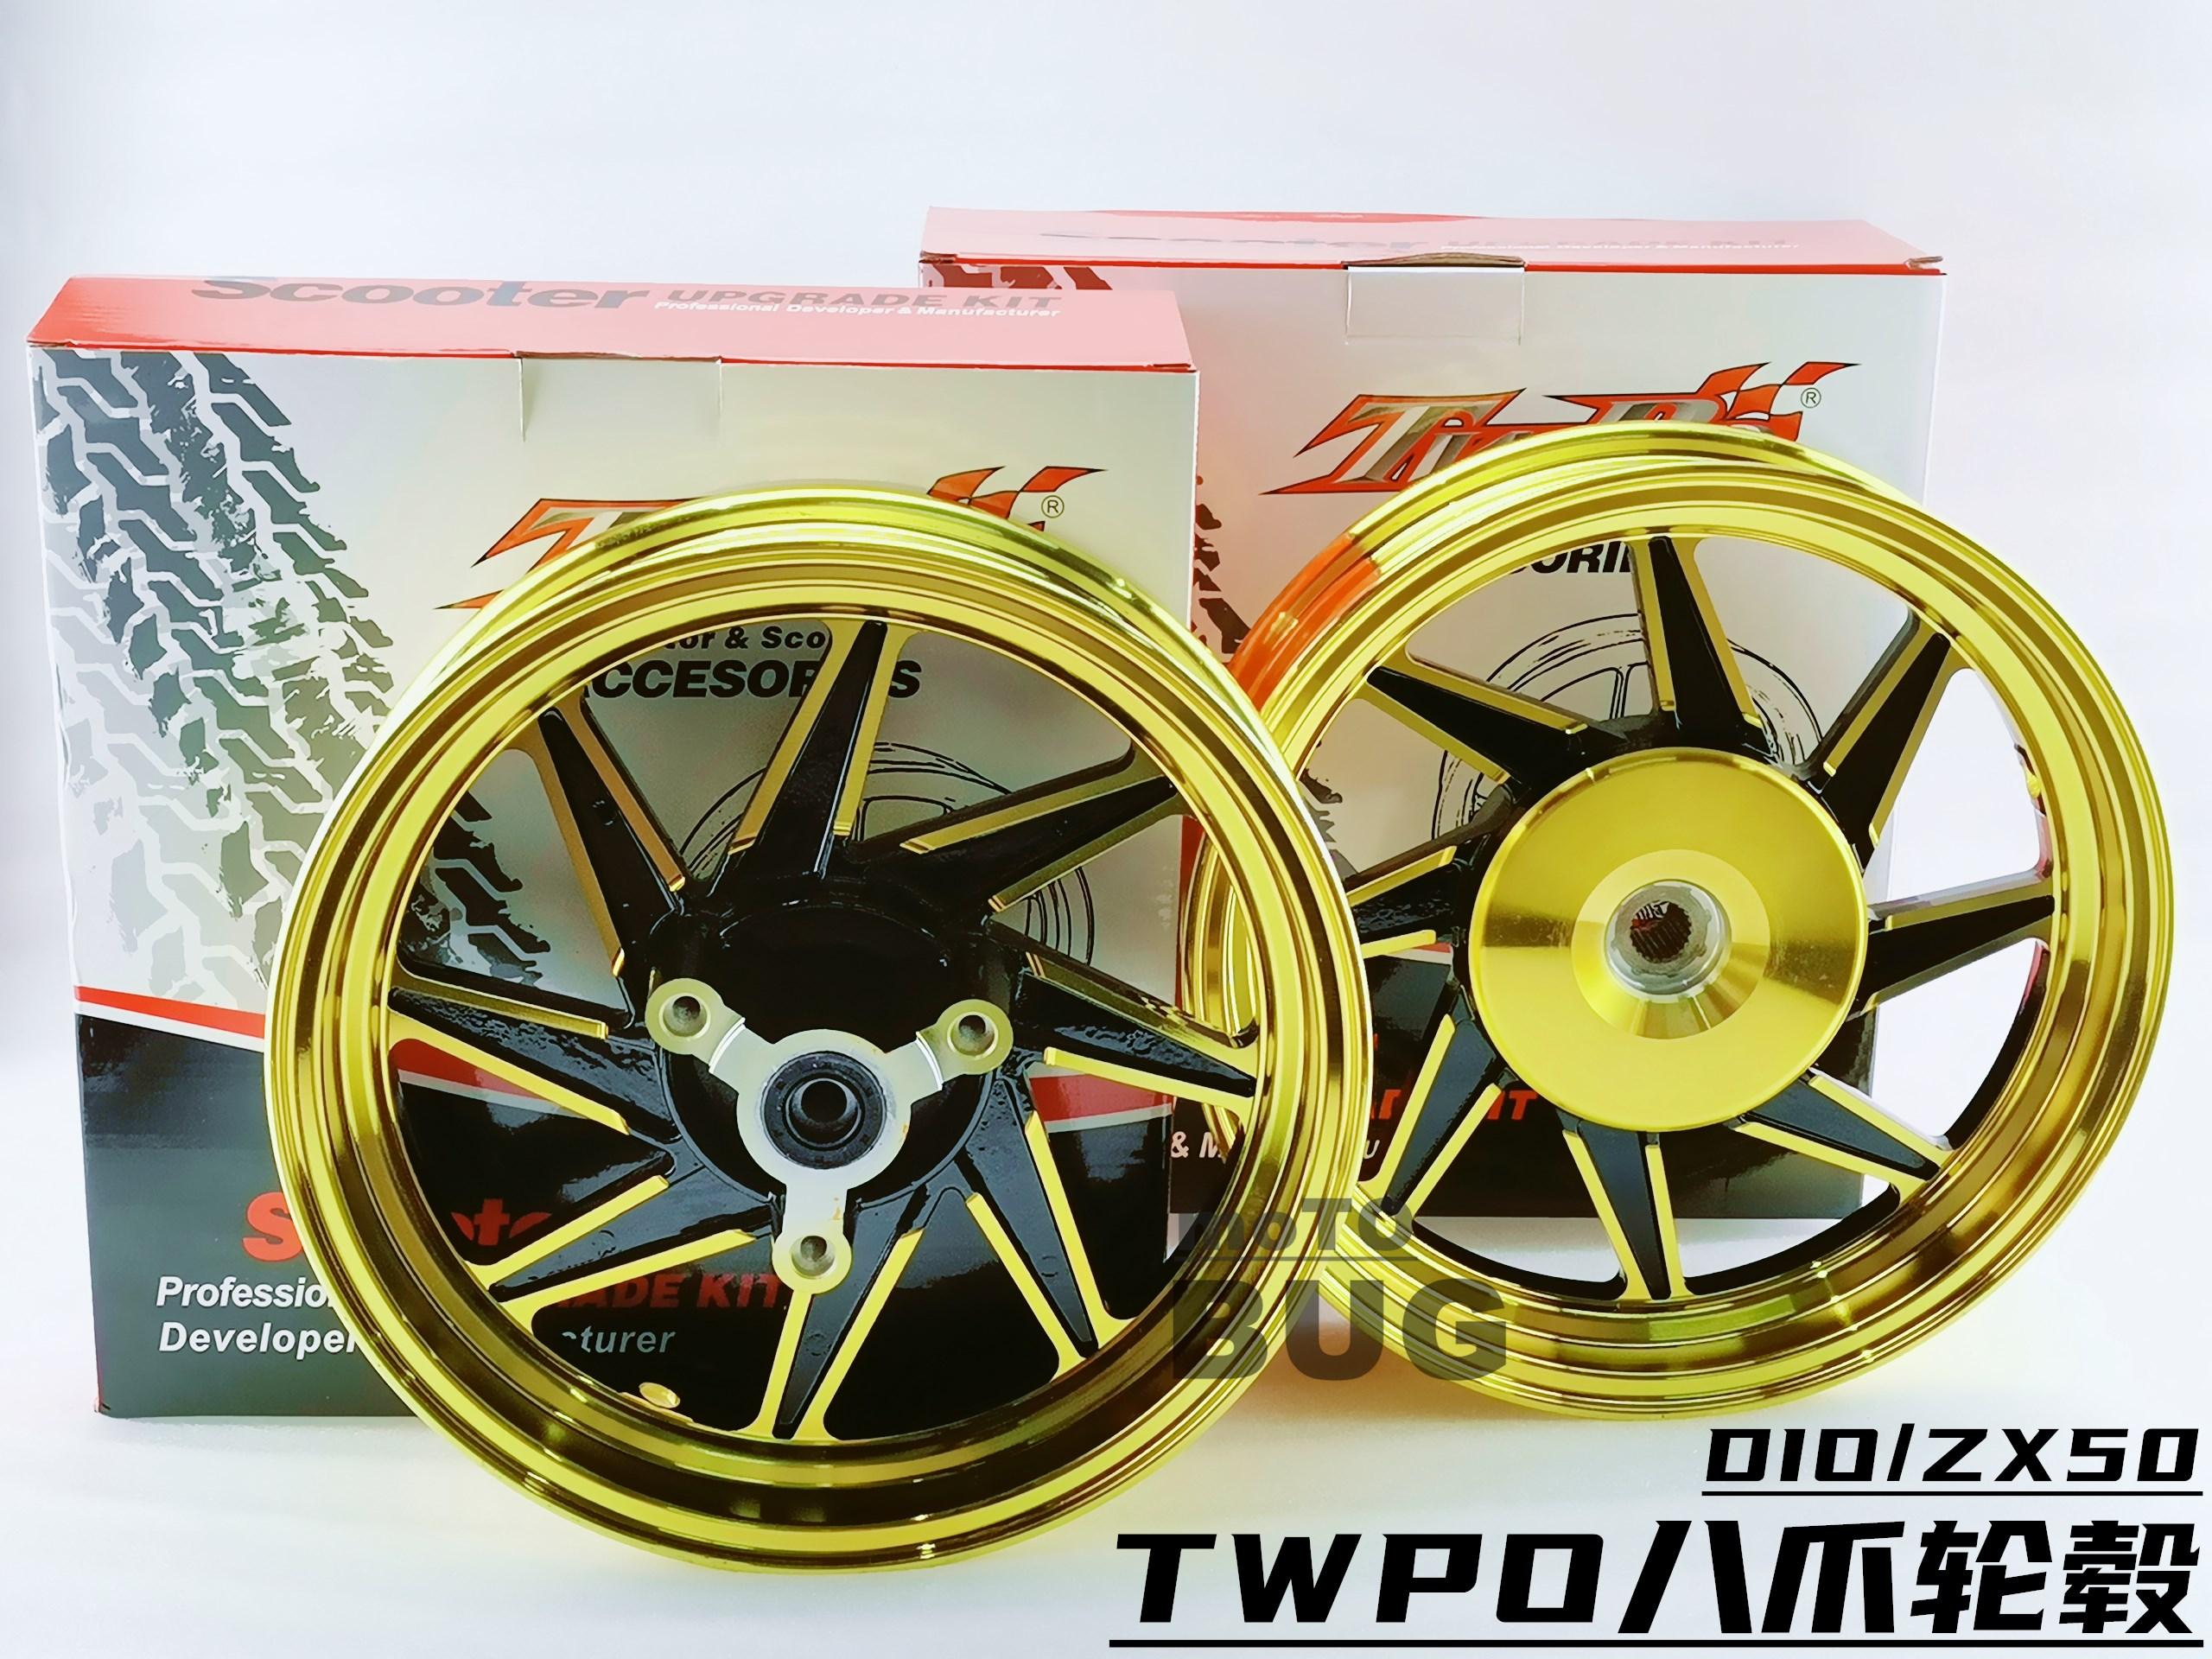 อะไหล่อุปกรณ์เสริมสําหรับ Honda Dio50 Af18 / 28 Term Zx34 / 35 / 56